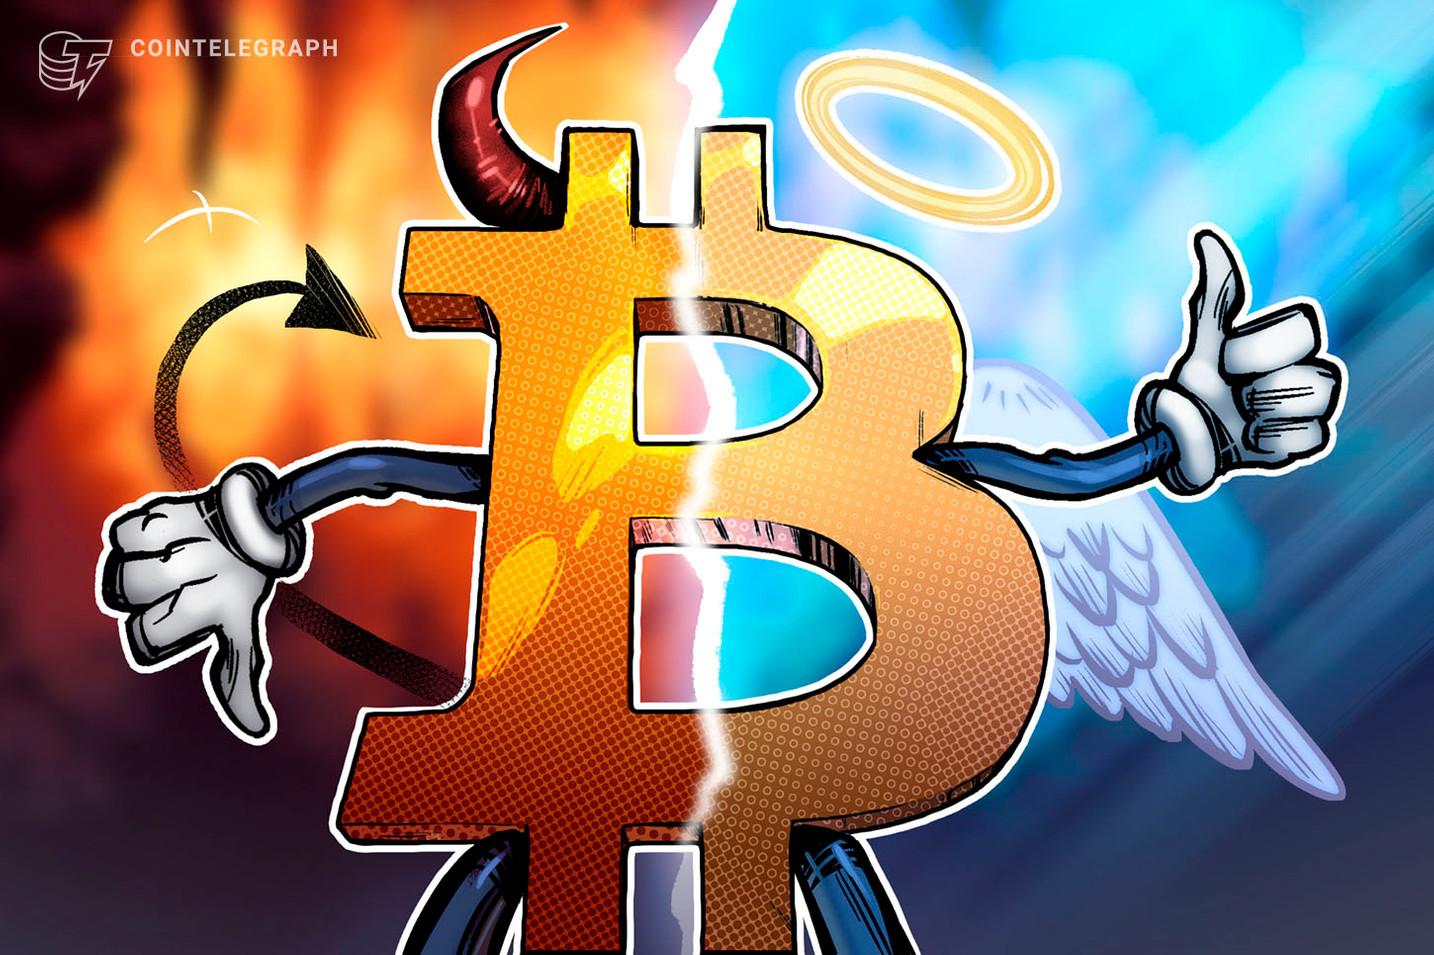 Es posible que México no siga el ejemplo de El Salvador y adopte a Bitcoin... todavía